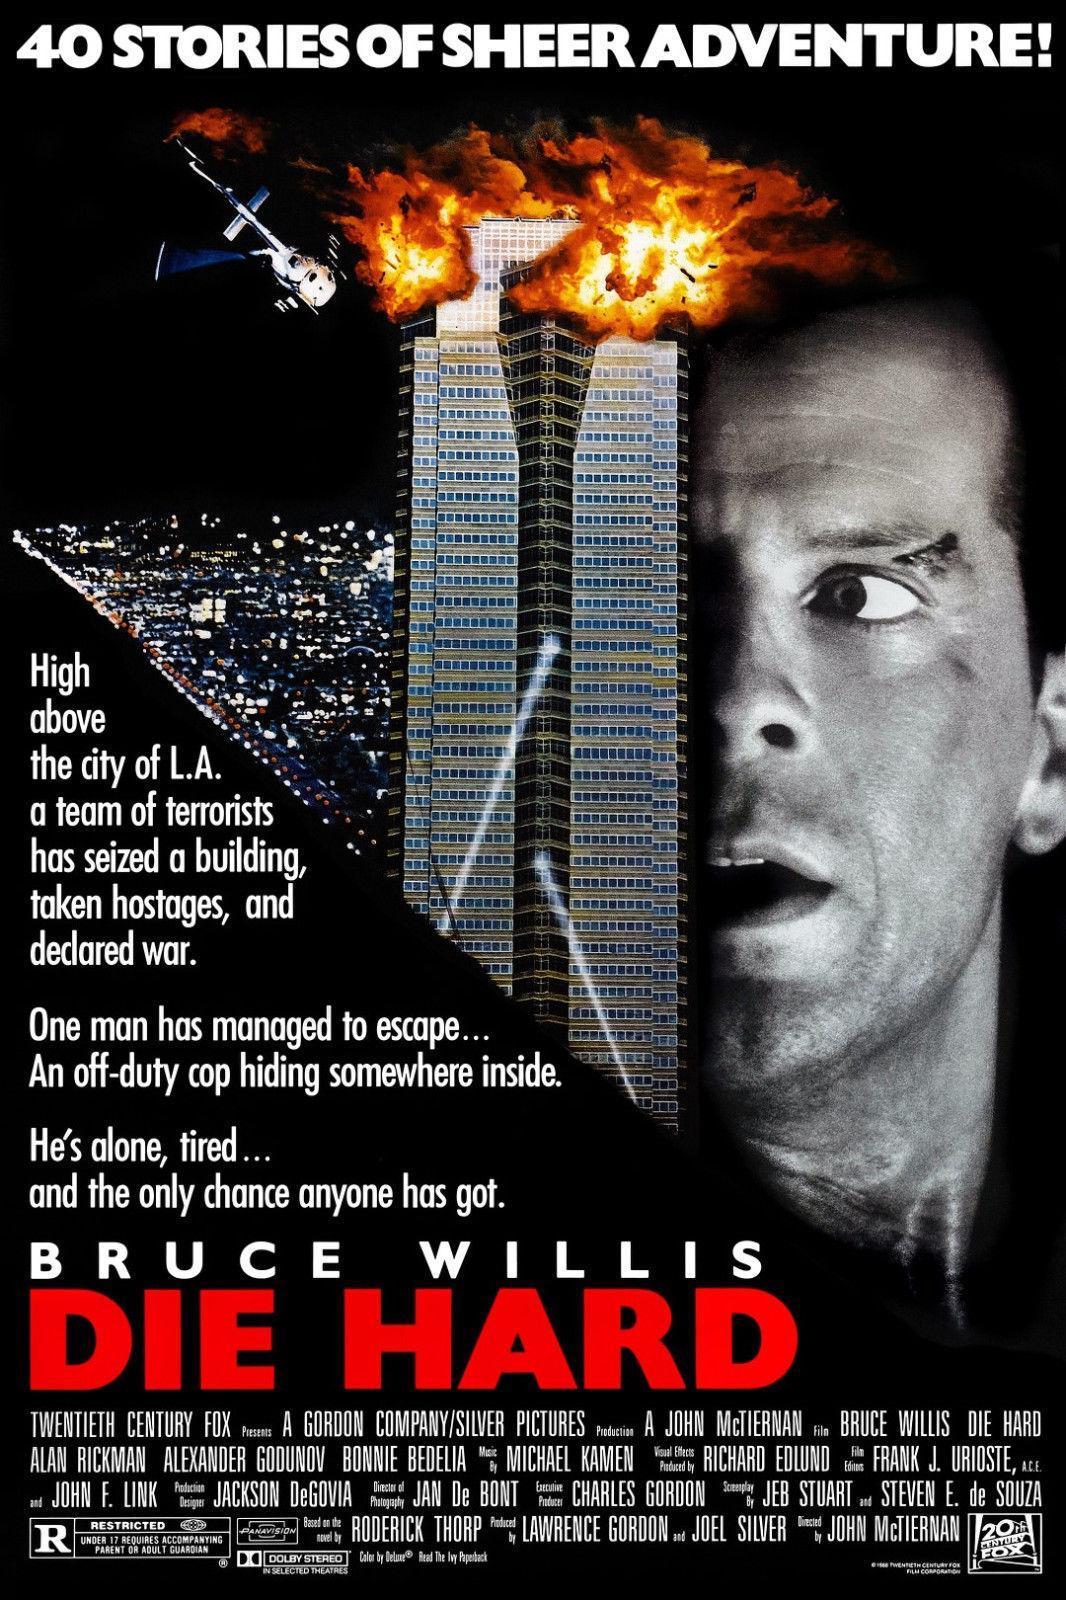 Die Hard alternate poster